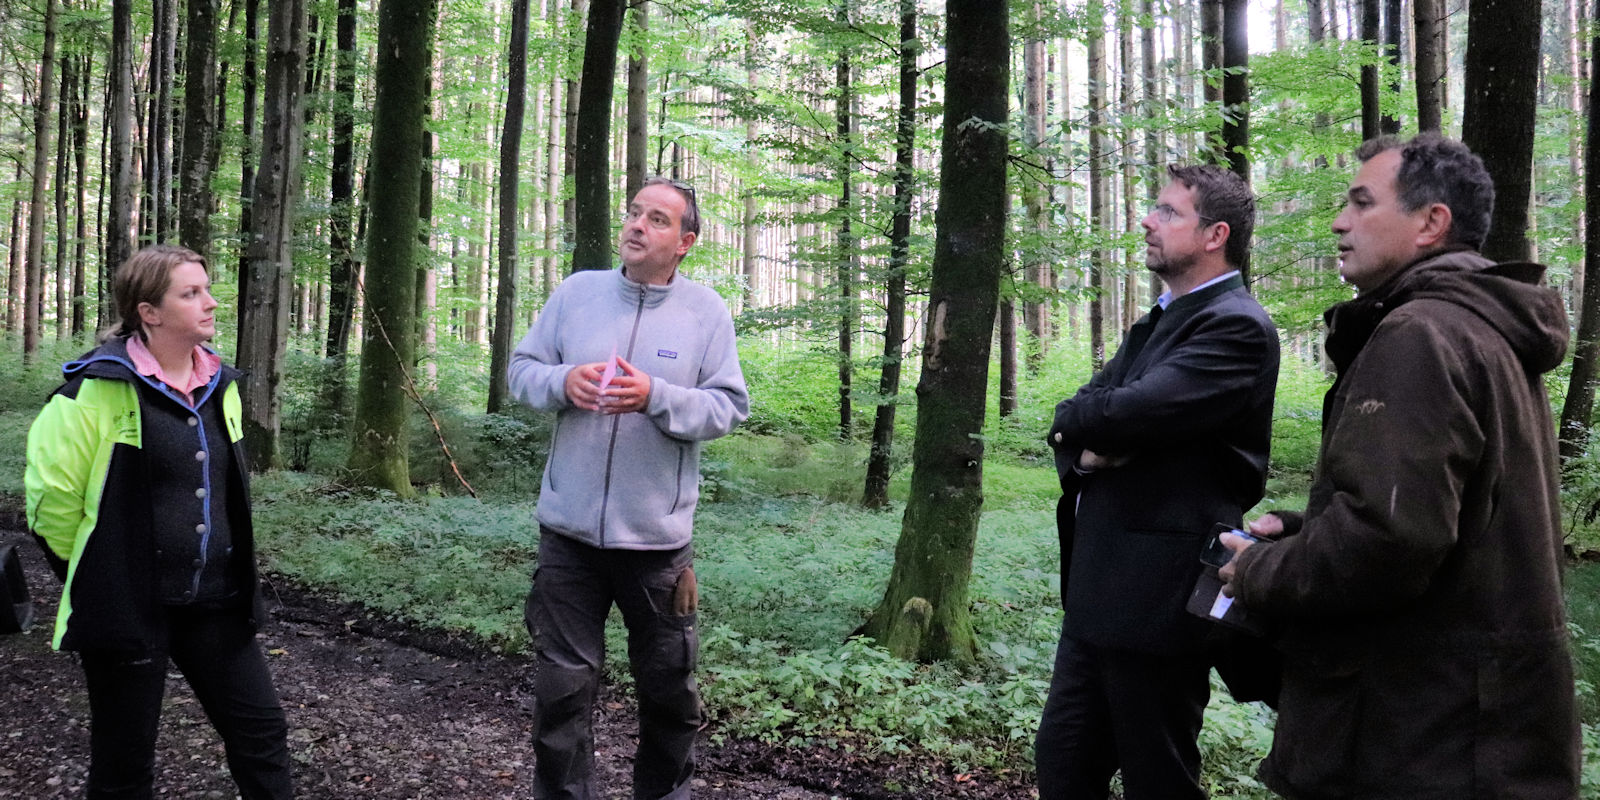 Beim Waldbegang mit Vertretern der FBG Memmingen informierte sich der Bundestagsabgeordnete über den Zustand der Unterallgäuer Wälder.